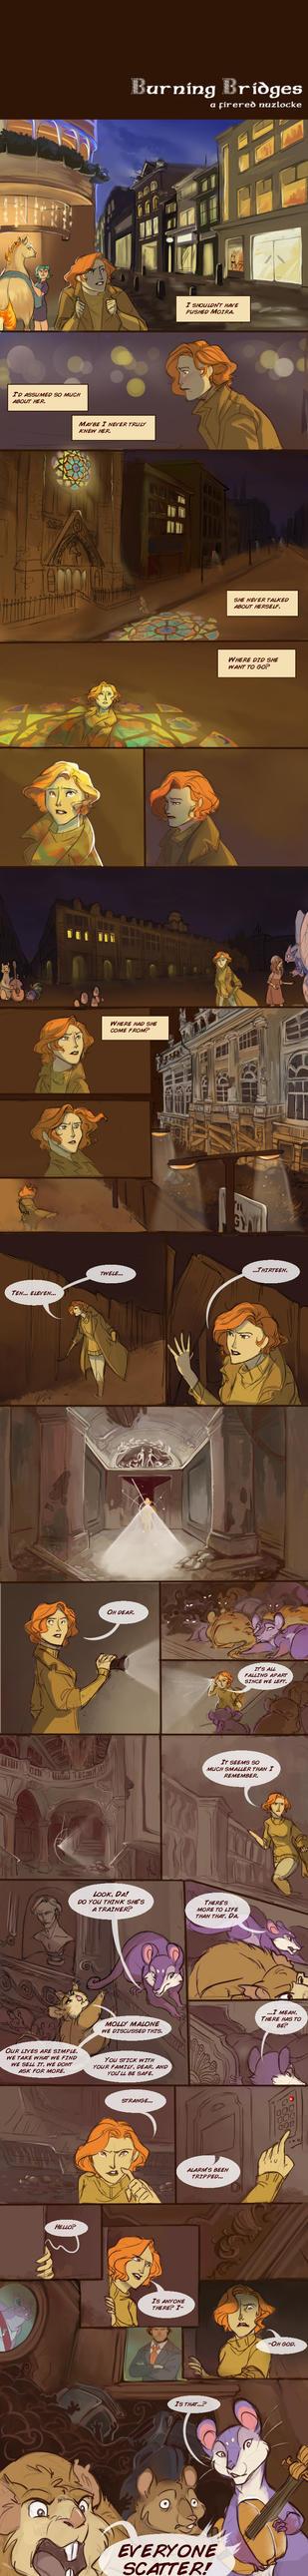 Burning Bridges Nuzlocke Page 15 by wanlingnic